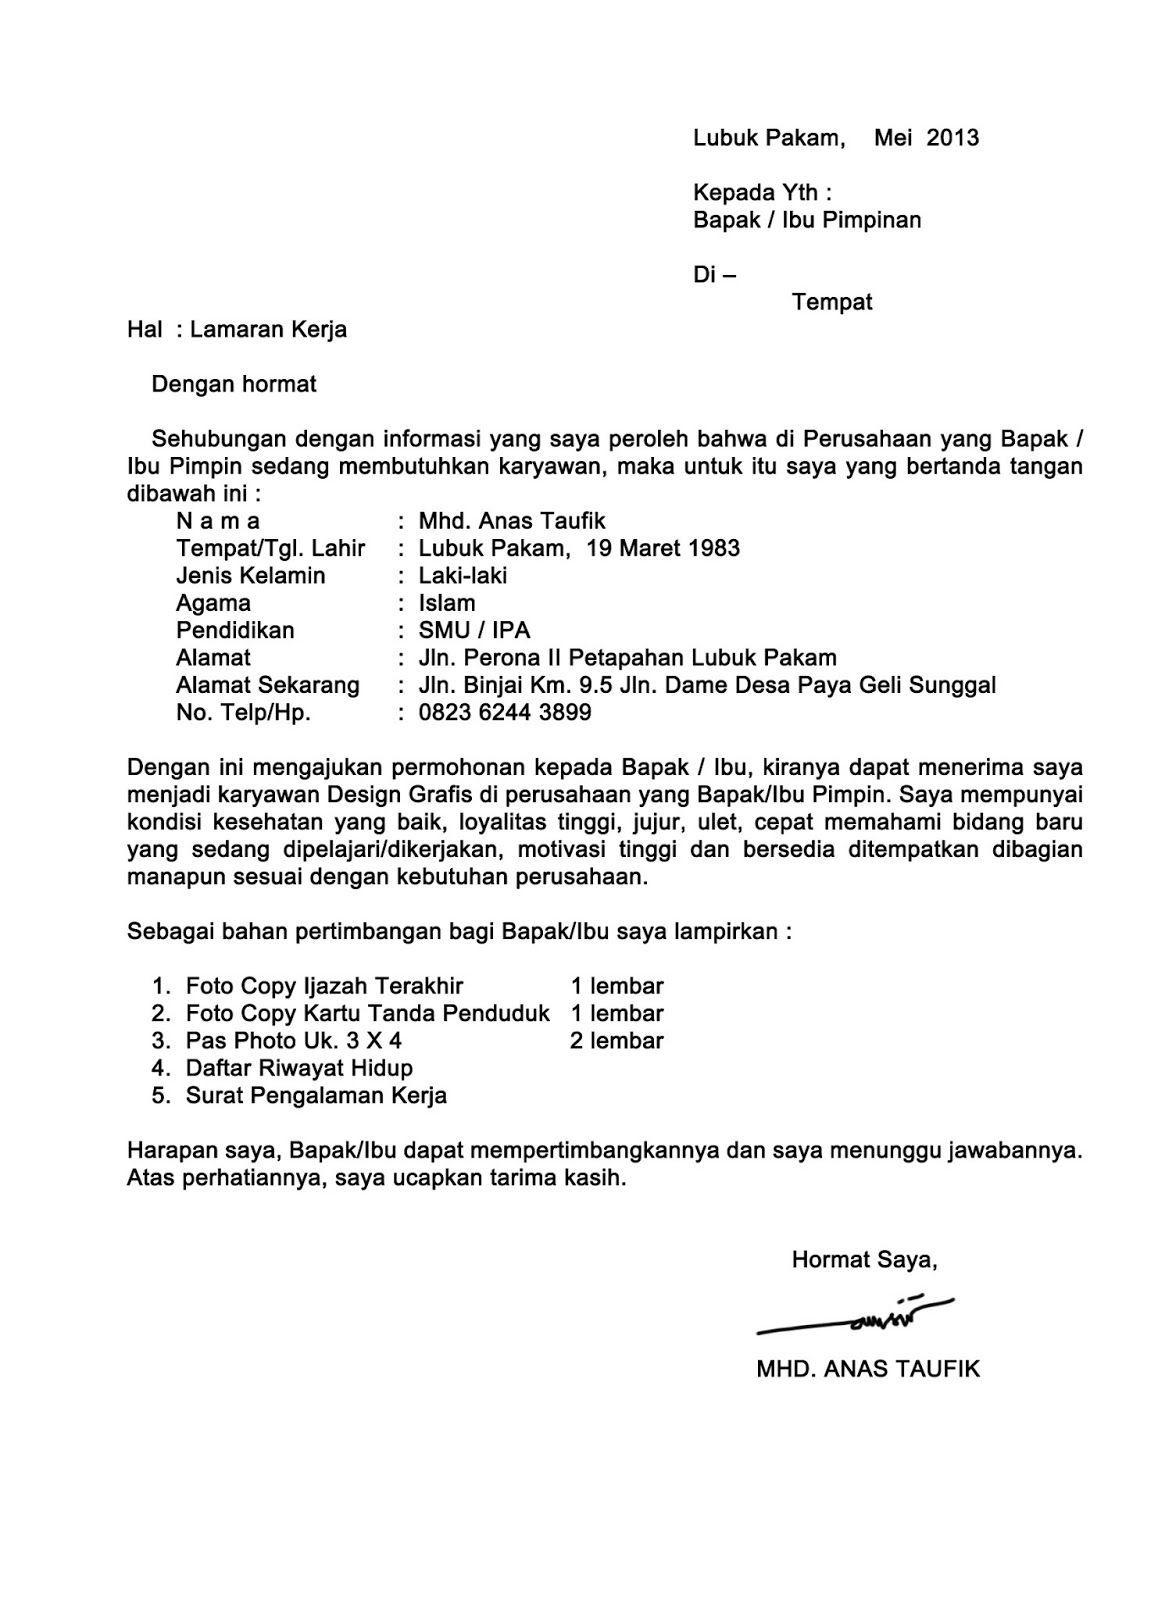 Kumpulan Contoh Surat Lamaran Kerja ben jobs Surat, Cv